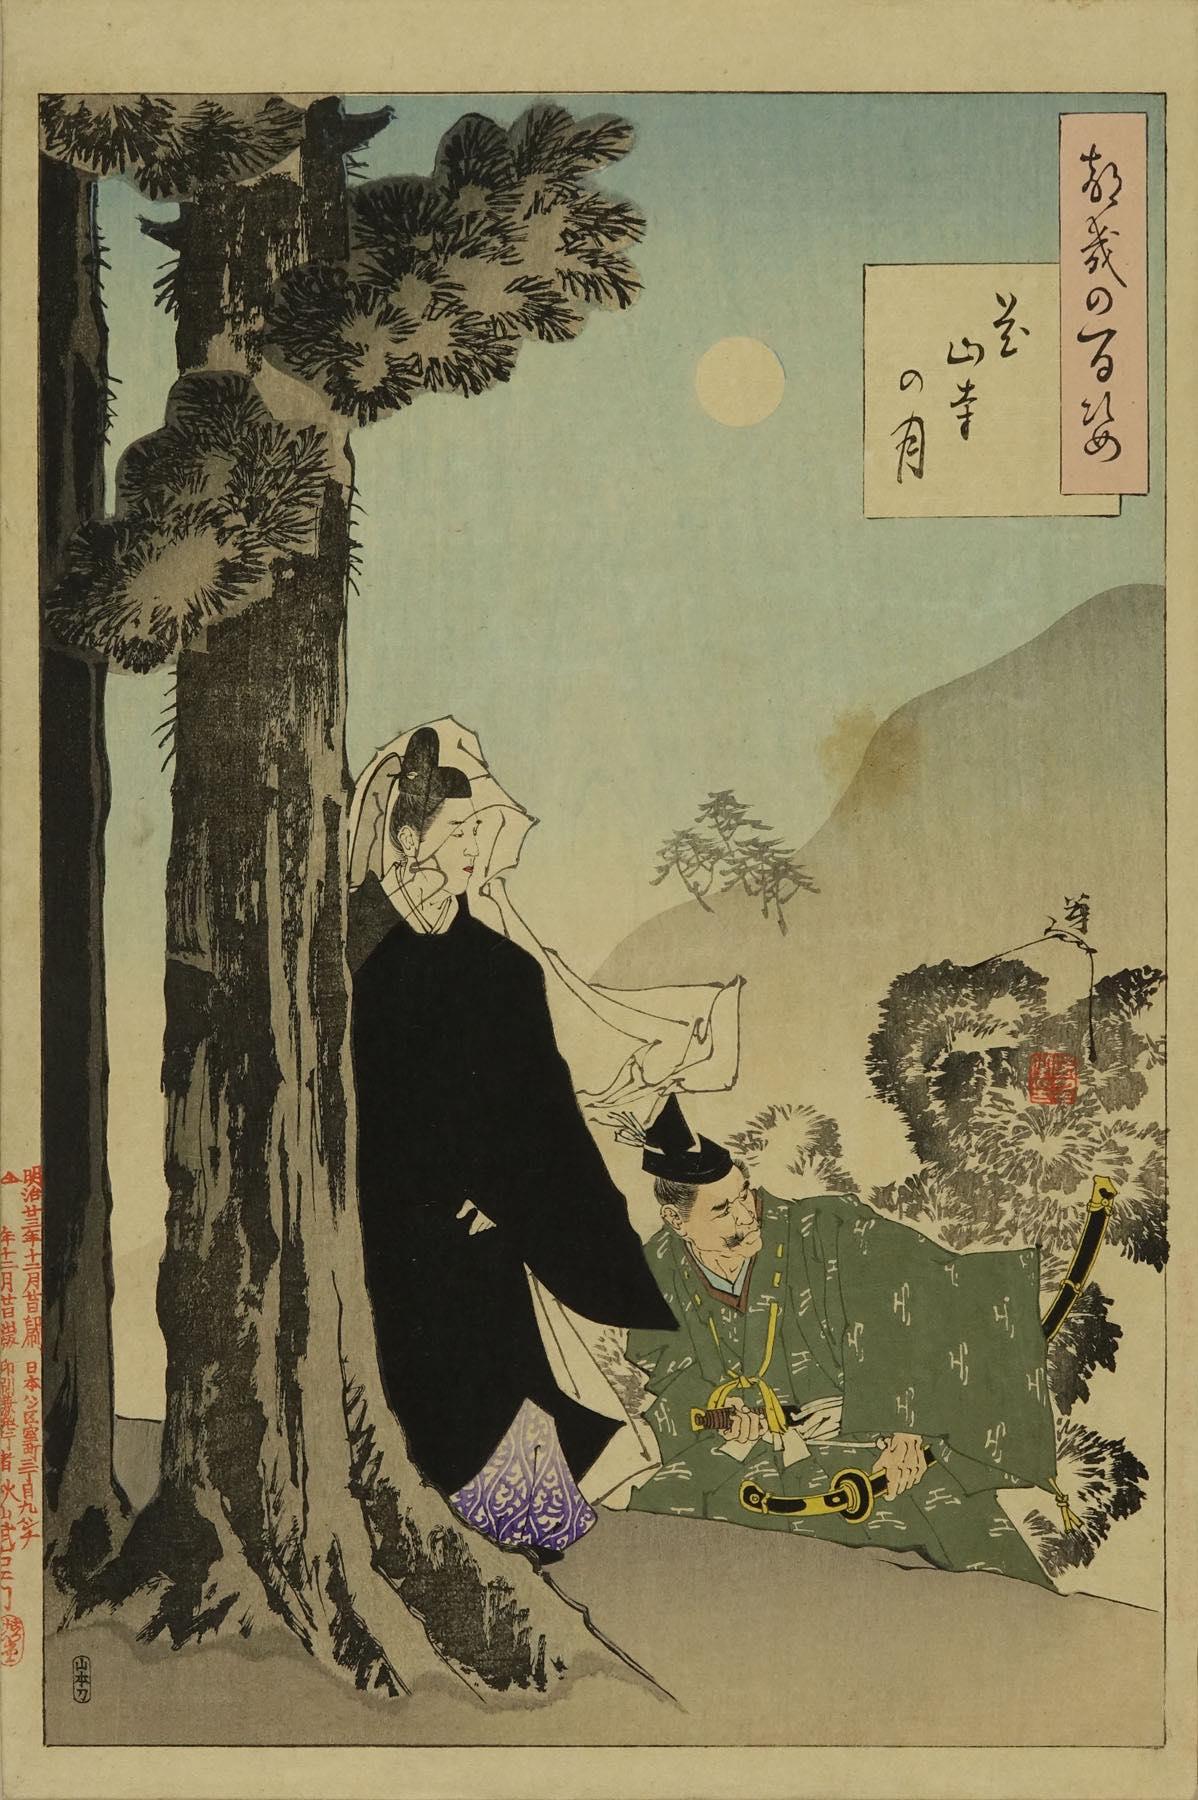 芳年 月百姿 花山寺の月